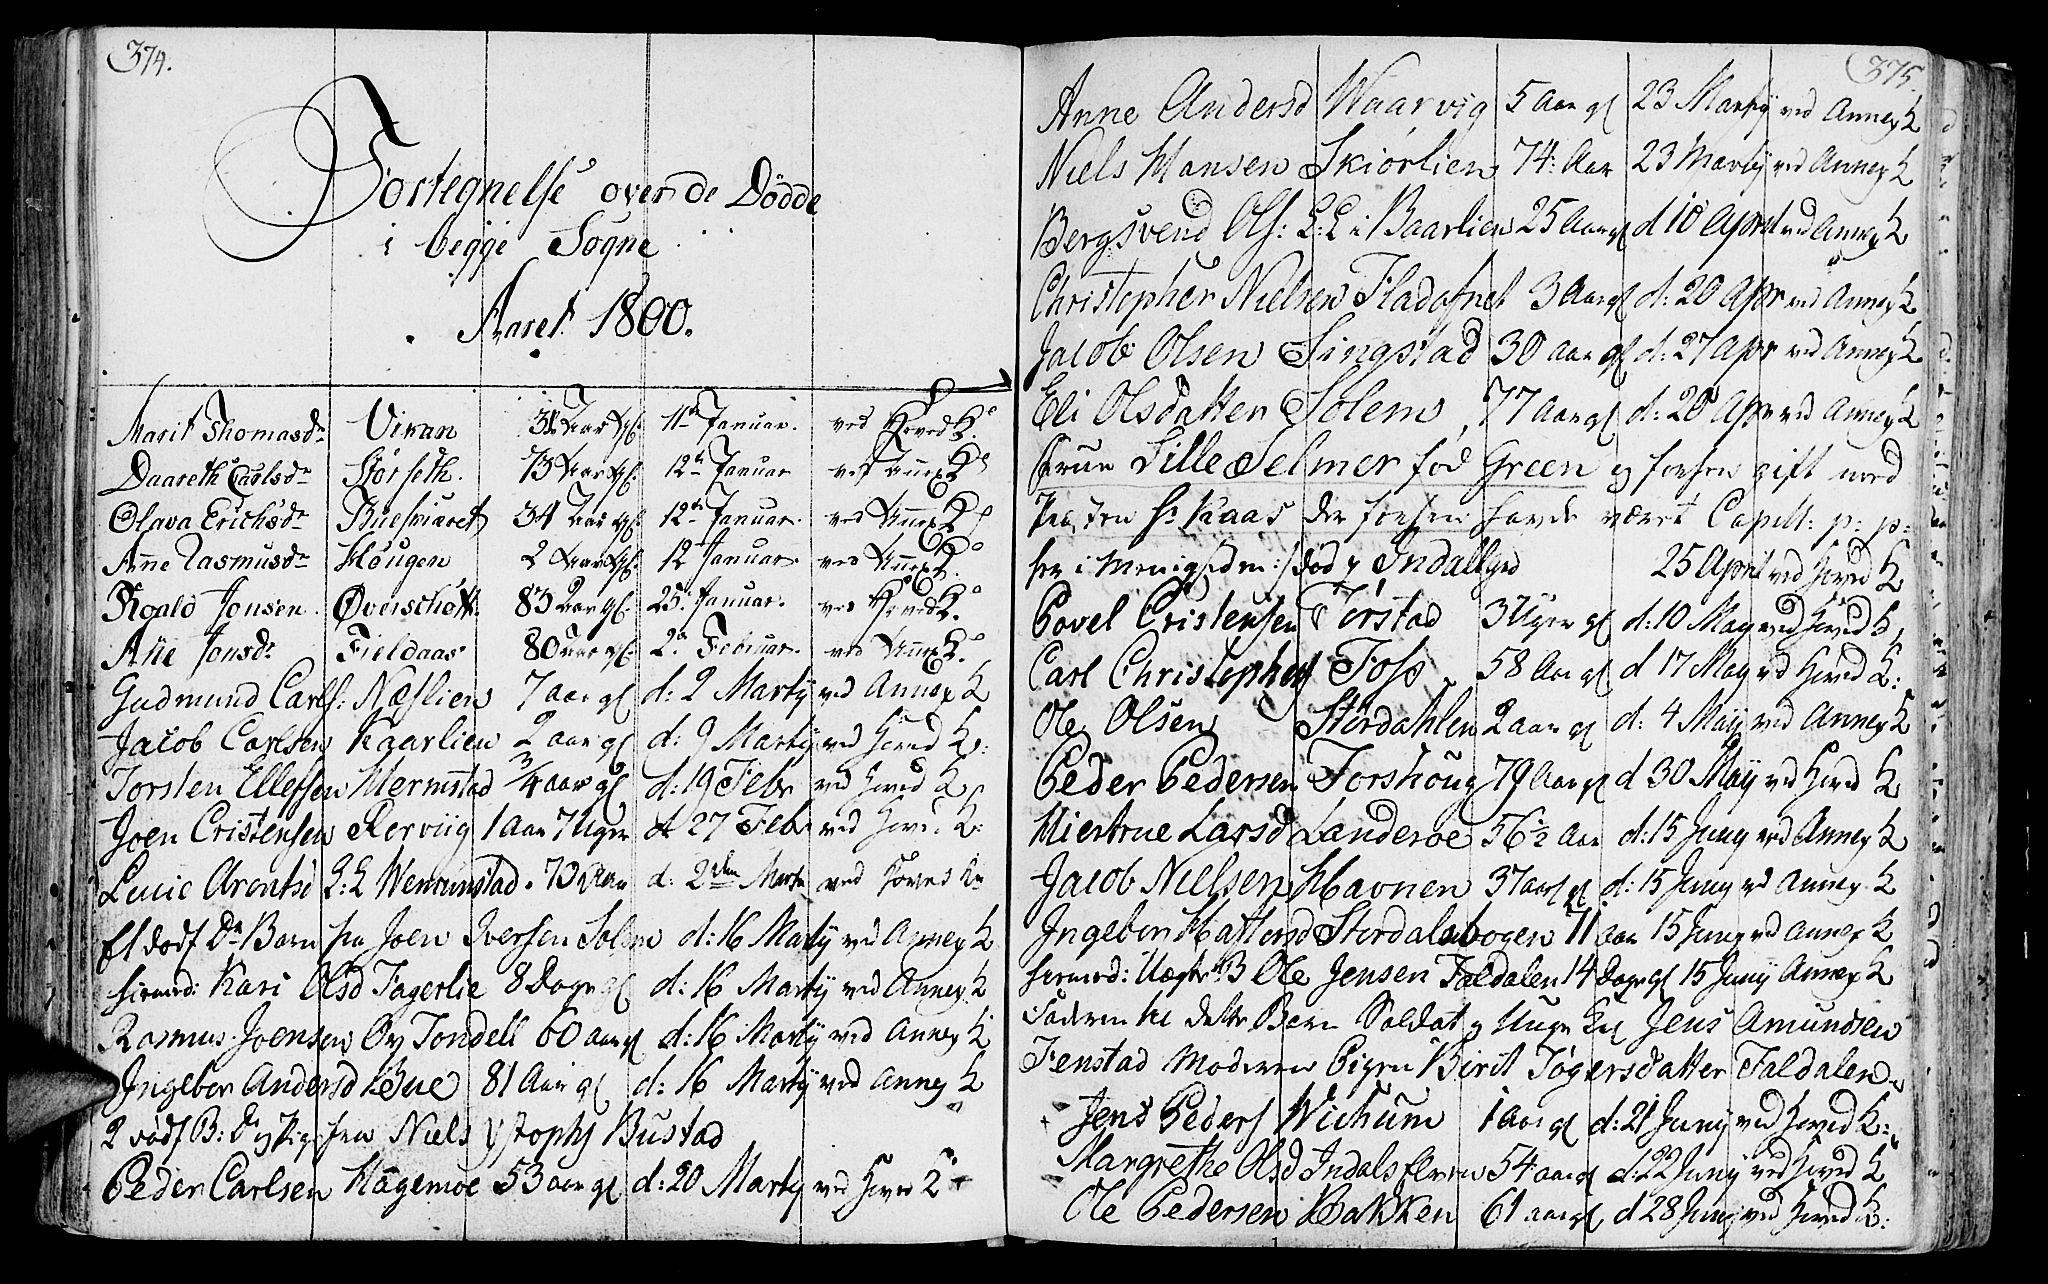 SAT, Ministerialprotokoller, klokkerbøker og fødselsregistre - Sør-Trøndelag, 646/L0606: Ministerialbok nr. 646A04, 1791-1805, s. 374-375